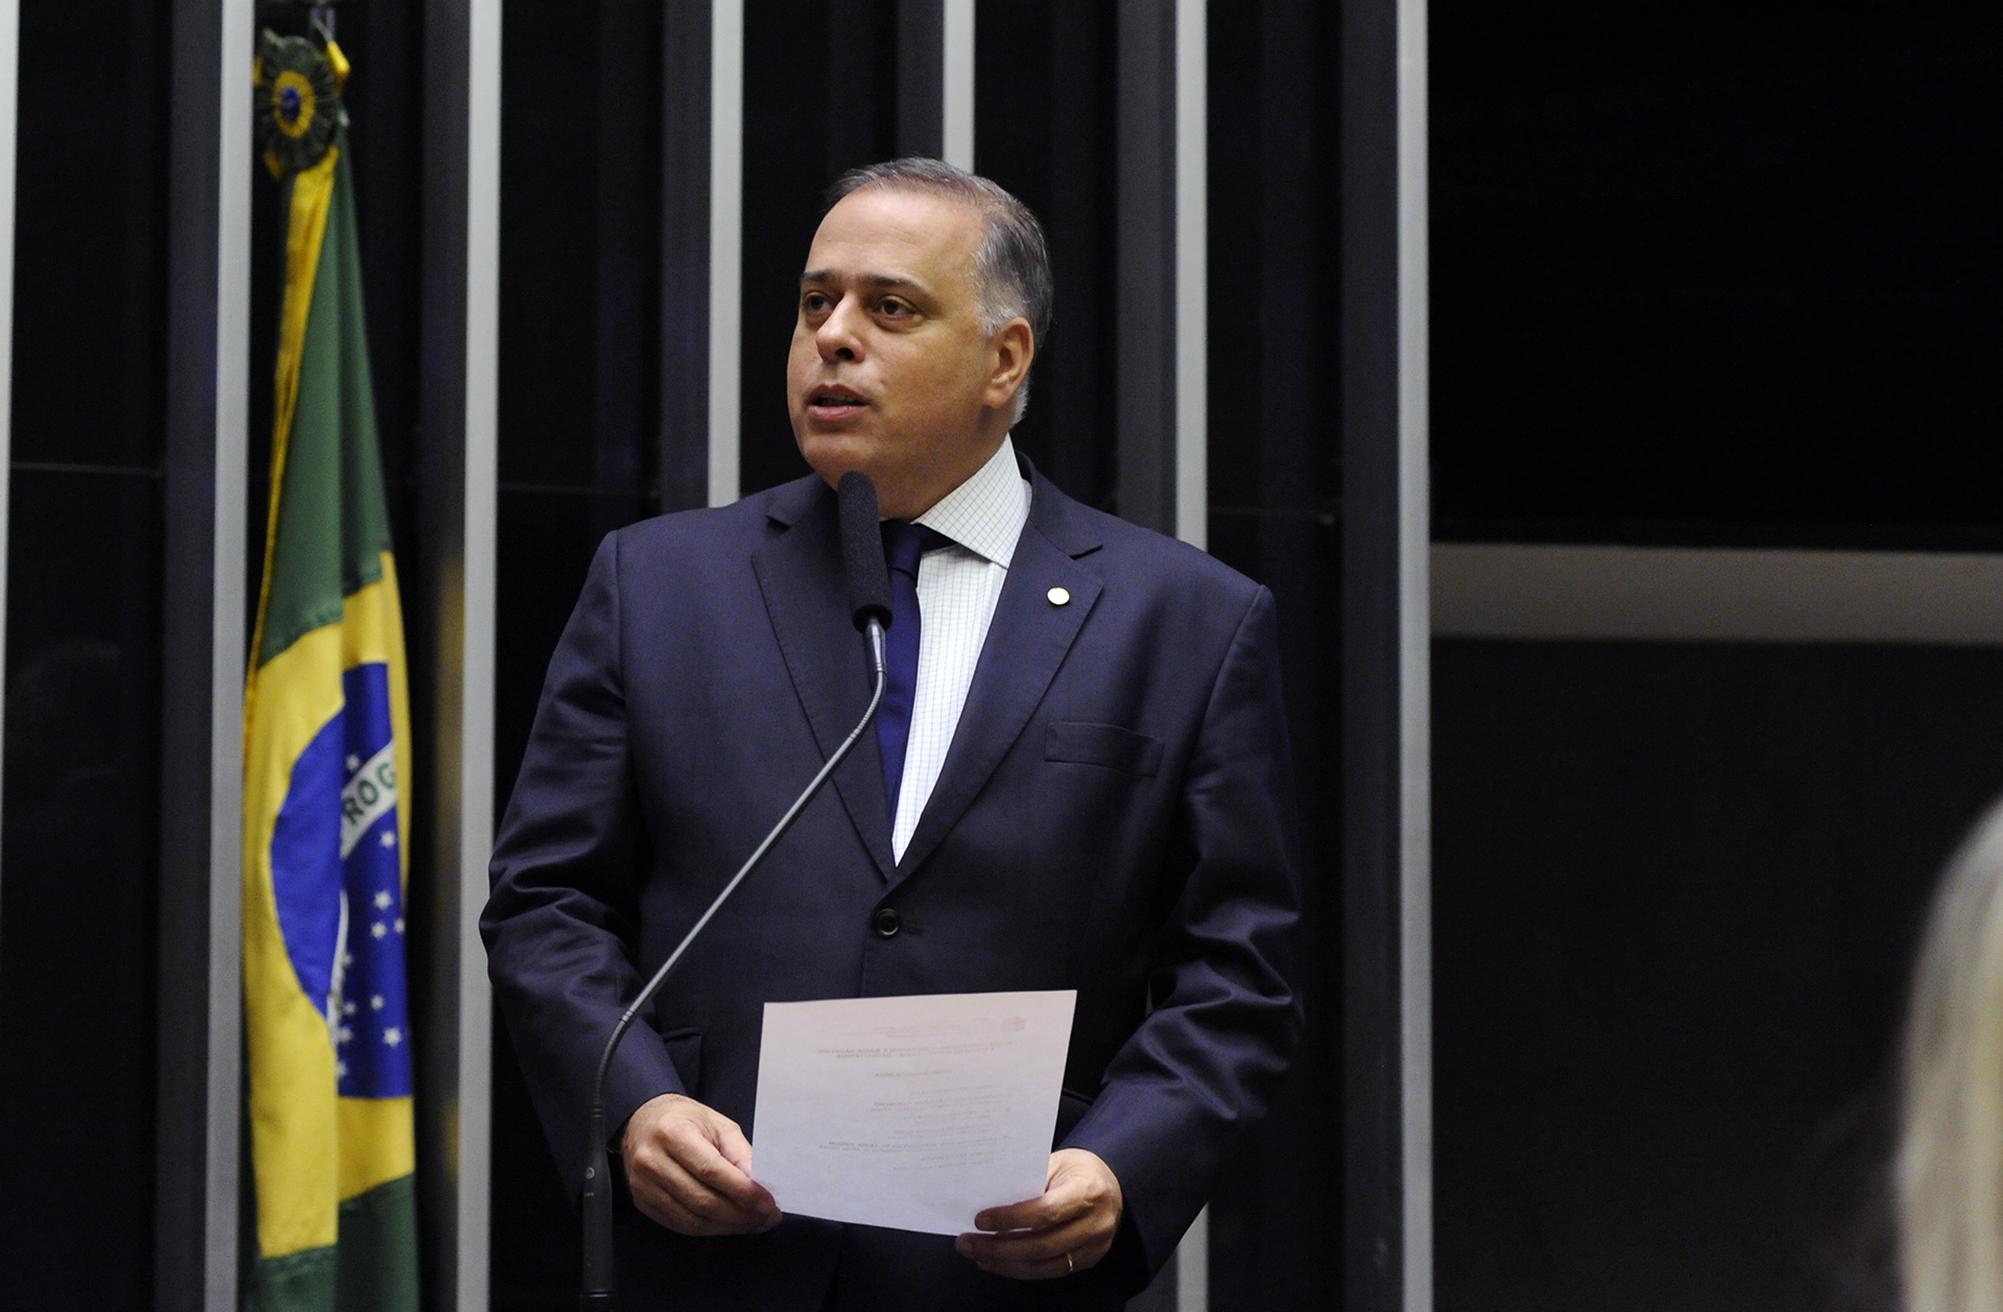 Homenagem à maior rádio de Minas Gerais – Rádio Itatiaia. Dep. Paulo Abi-Ackel (PSDB - MG)